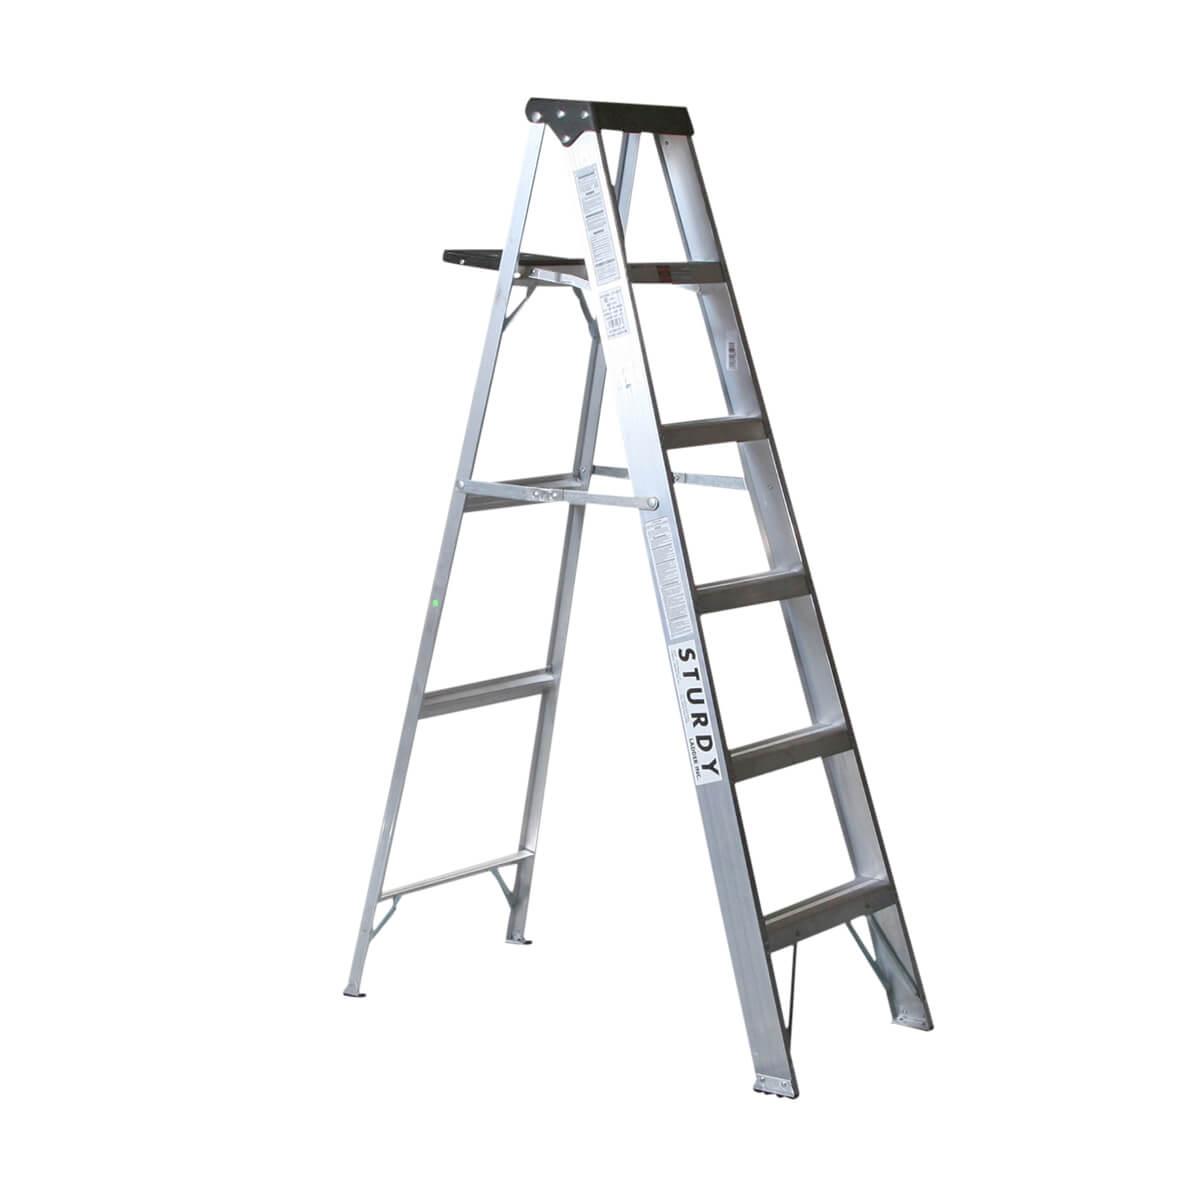 Aluminum Step Ladders  - 8'